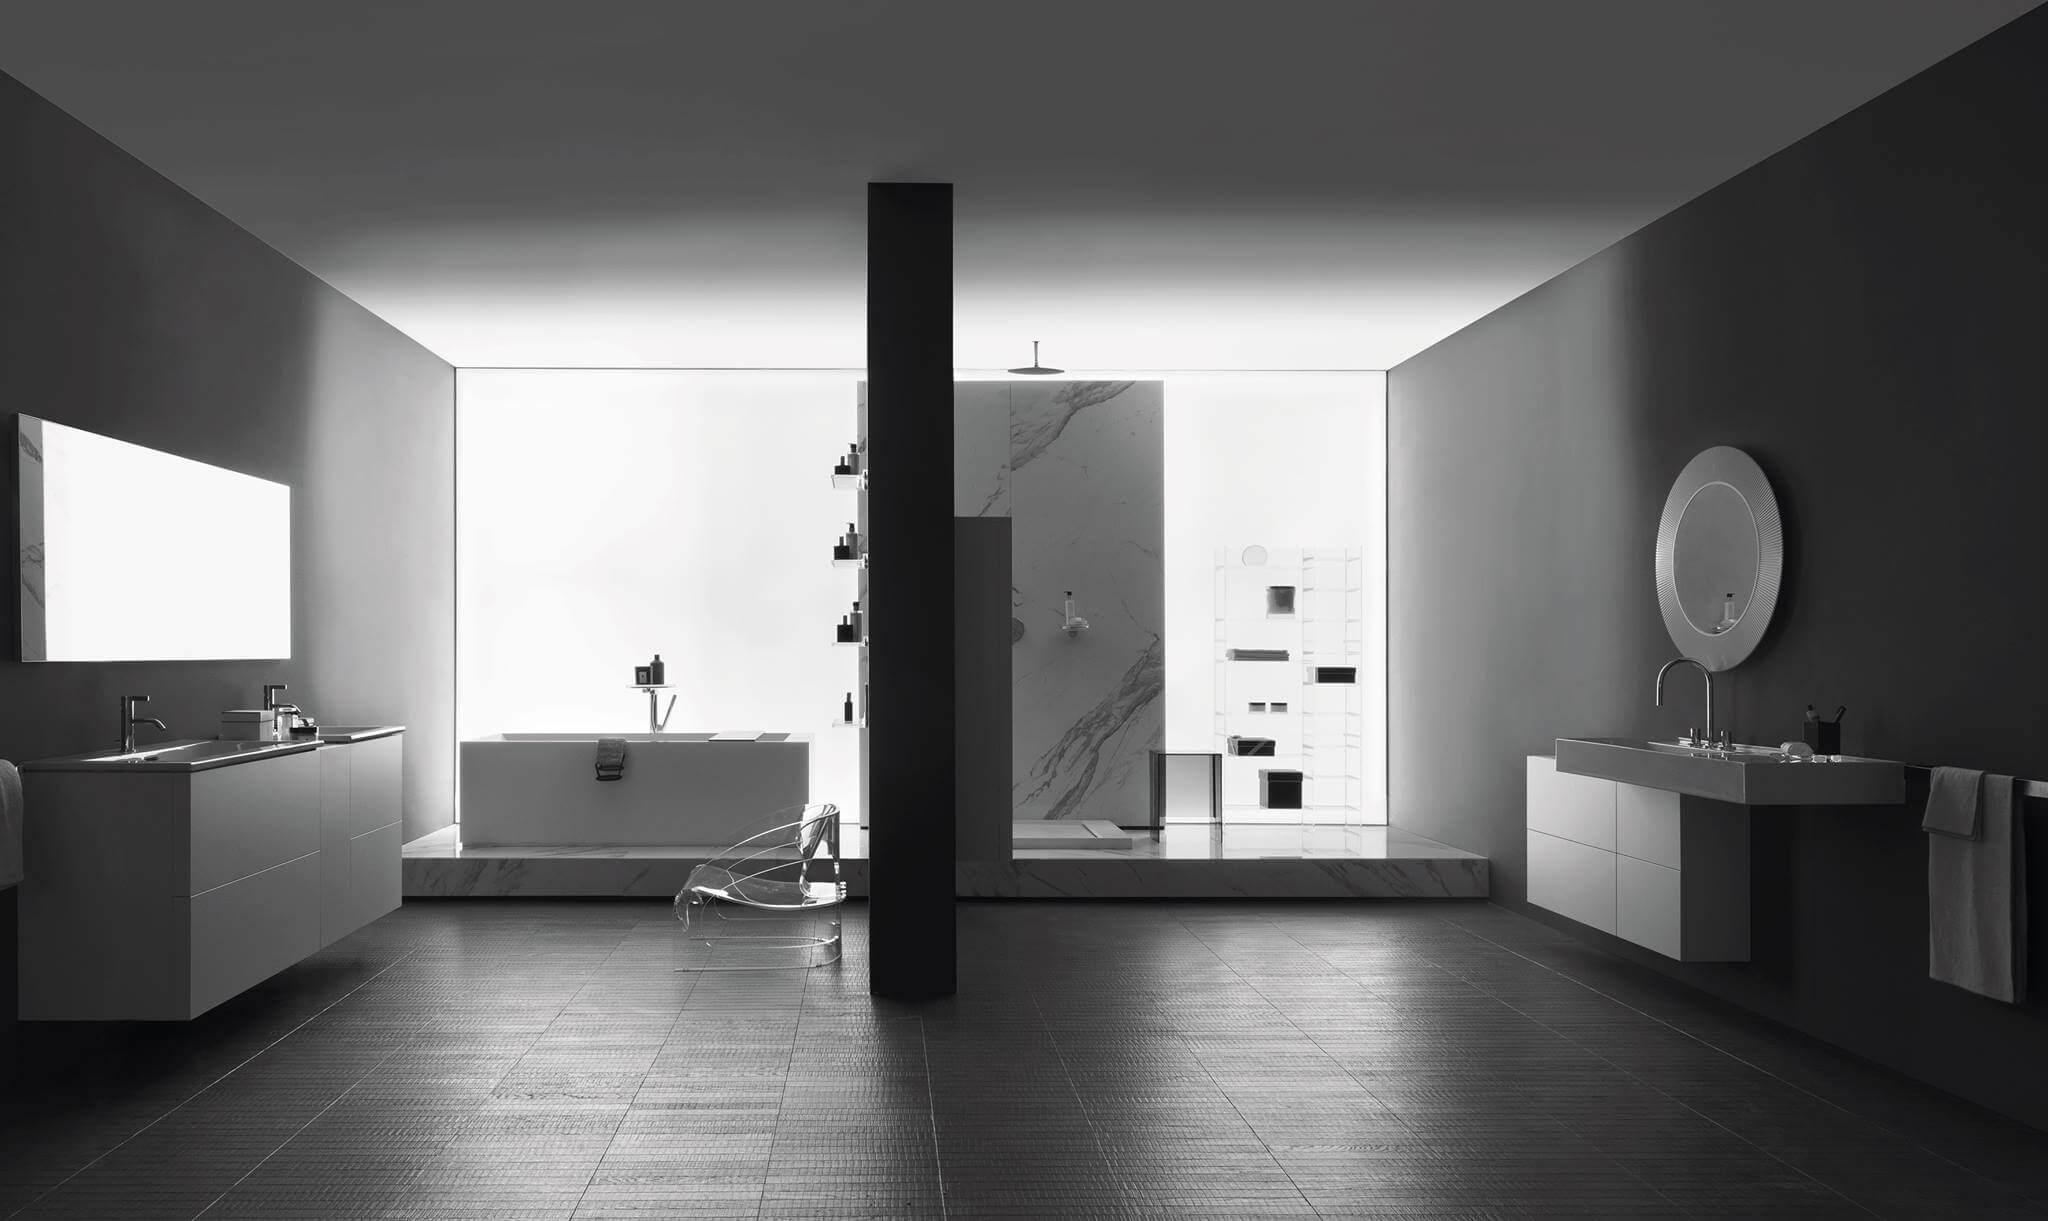 laufen bathrooms prasentierte designkreationen auf der ish. Black Bedroom Furniture Sets. Home Design Ideas